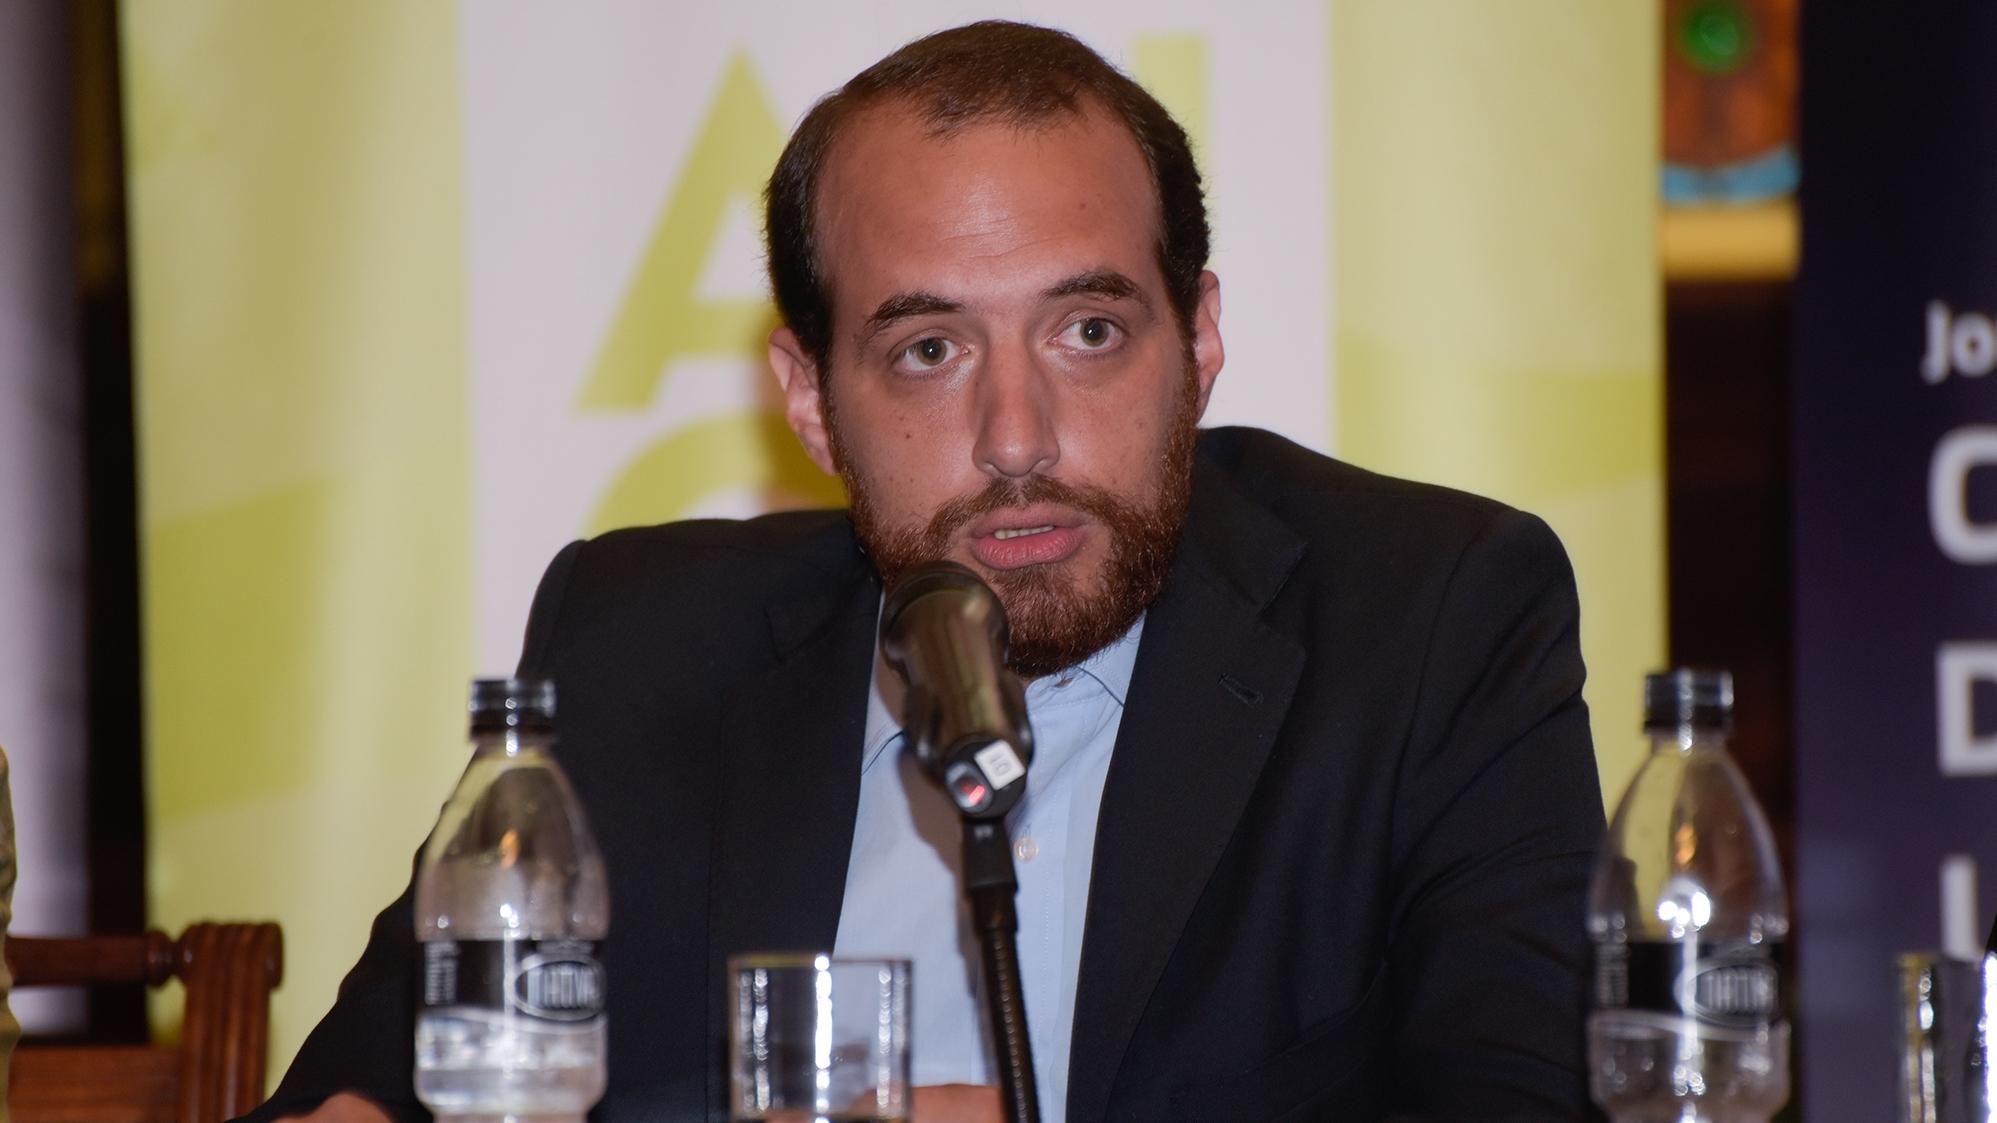 EncuestasLa democracia está «indefensa» ante sondeos falsos que «estafan» al electorado, dice Fernando Amado